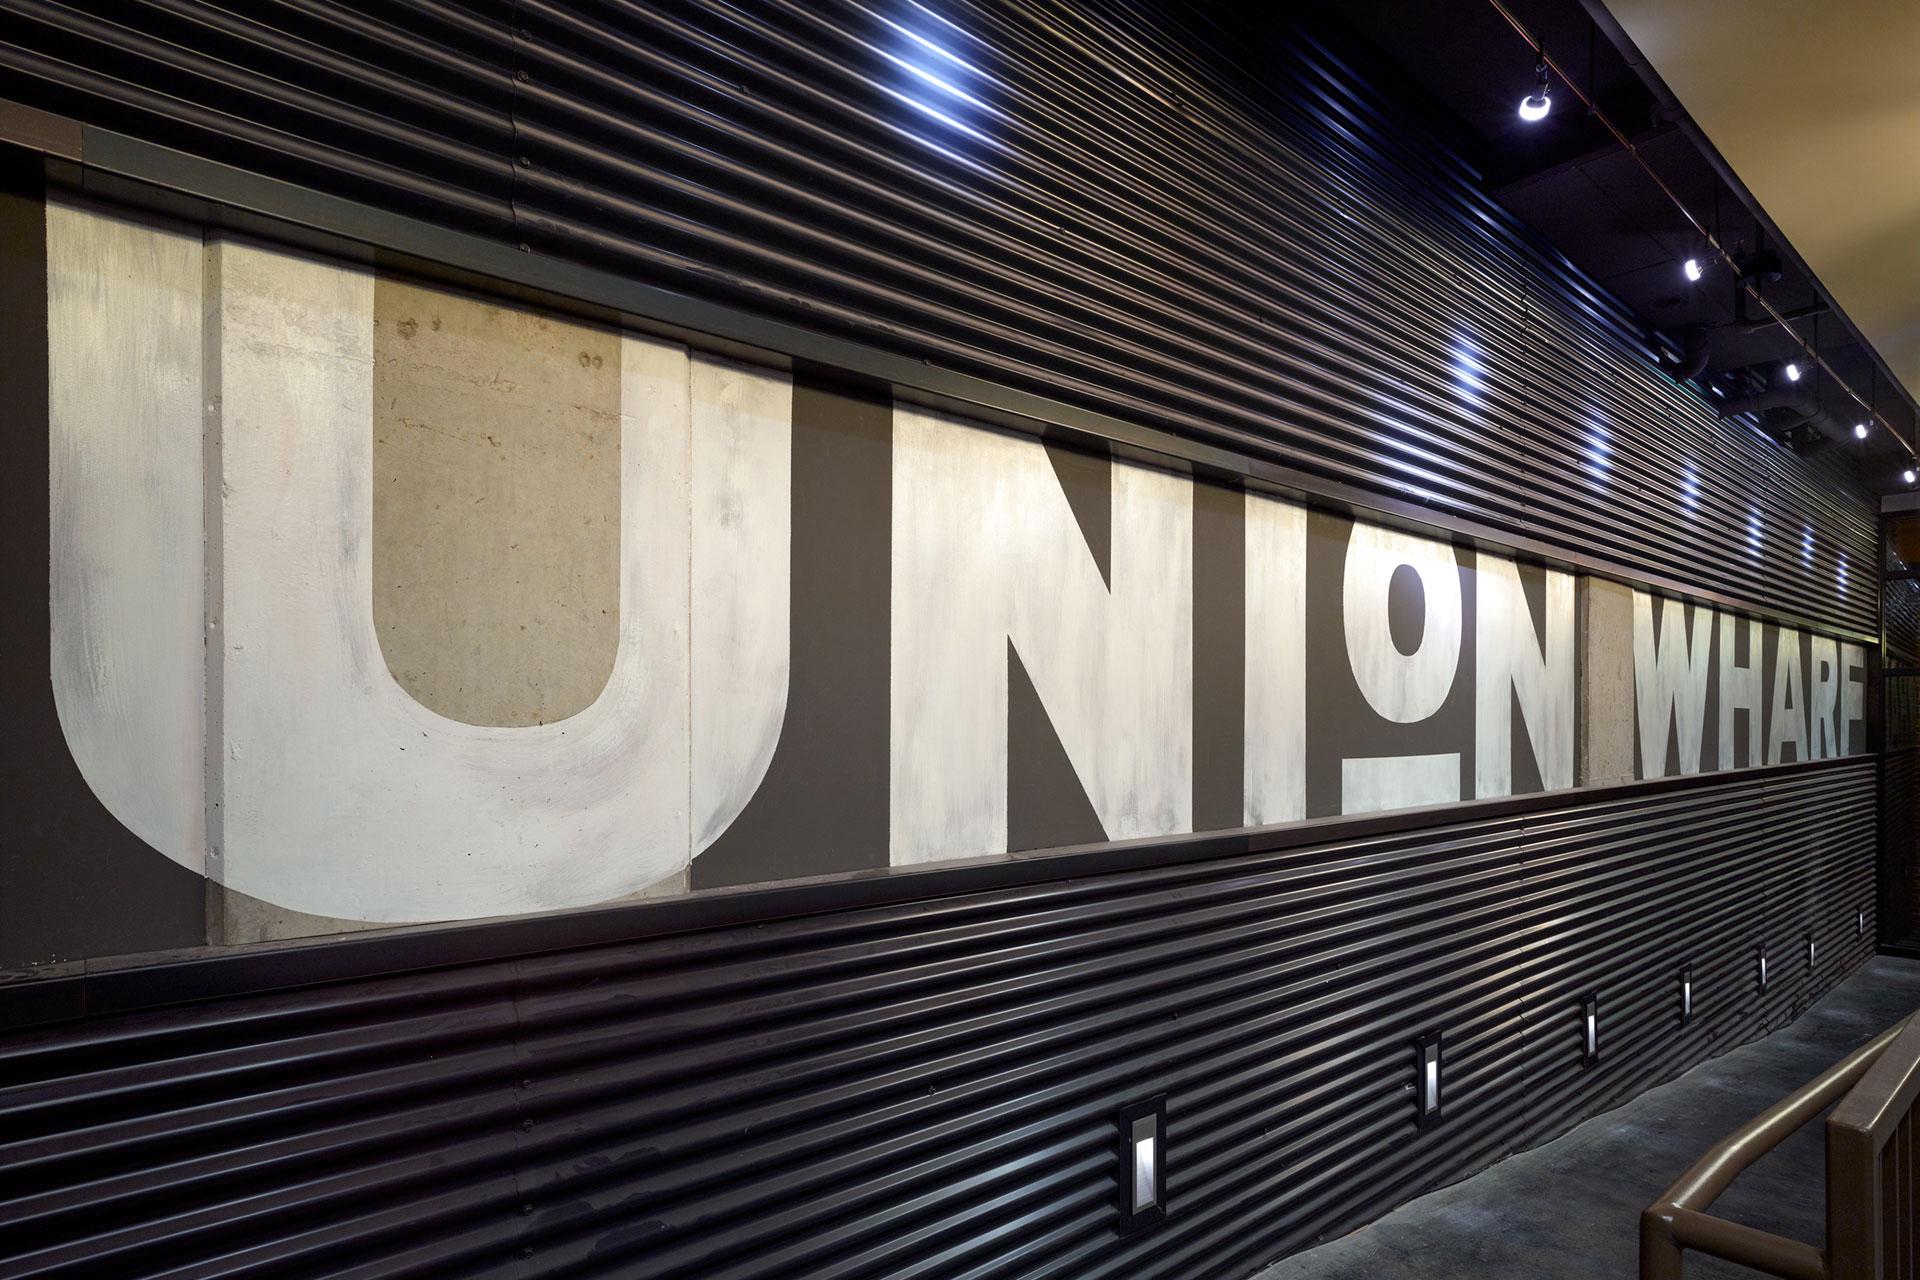 06_ashton_union_wharf